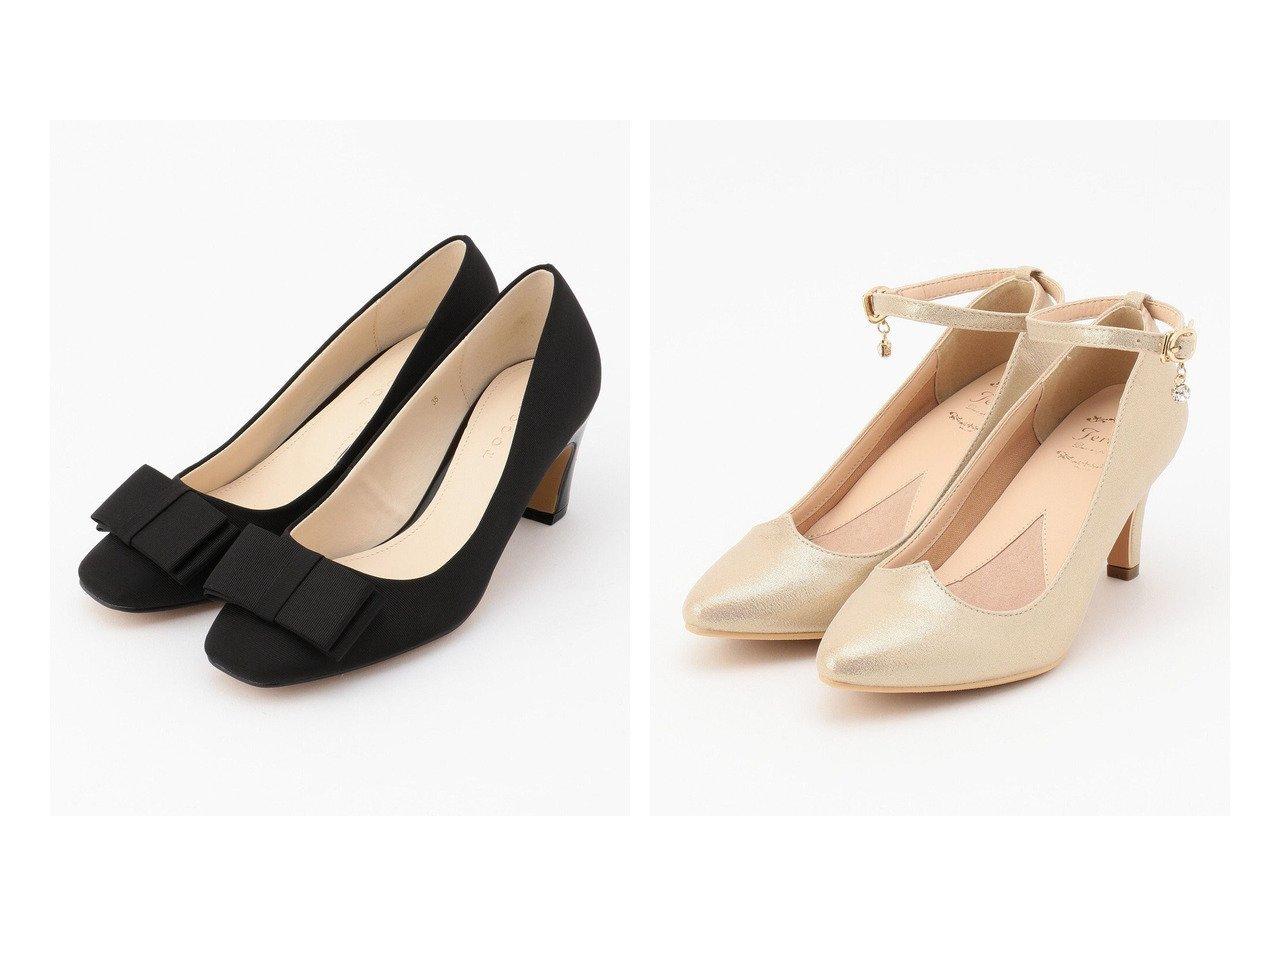 【TOCCA/トッカ】のRIBBON PUMPS パンプス&【Feroux/フェルゥ】の【歩きやすい】ハートカッティング パンプス 【シューズ・靴】おすすめ!人気トレンド・レディースファッション通販 おすすめで人気の流行・トレンド、ファッションの通販商品 インテリア・家具・メンズファッション・キッズファッション・レディースファッション・服の通販 founy(ファニー) https://founy.com/ ファッション Fashion レディースファッション WOMEN 送料無料 Free Shipping 2020年 2020 2020春夏・S/S SS・Spring/Summer/2020 S/S・春夏 SS・Spring/Summer カッティング グログラン シューズ シンプル トレンド フォルム リボン 夏 Summer クッション チャーム ラップ 再入荷 Restock/Back in Stock/Re Arrival  ID:crp329100000046892